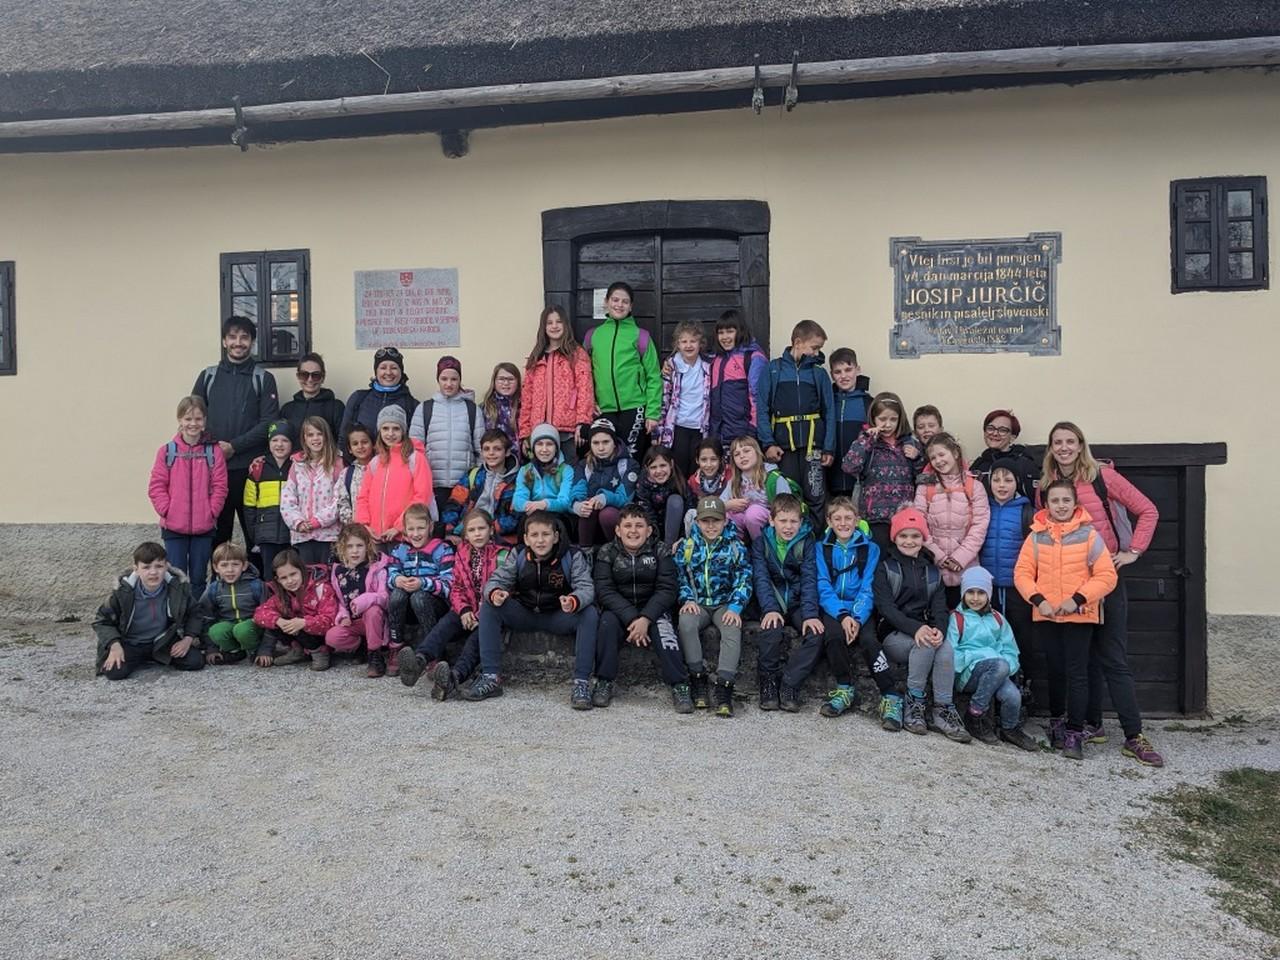 planinski_dan_jurciceva_pot_2020_01